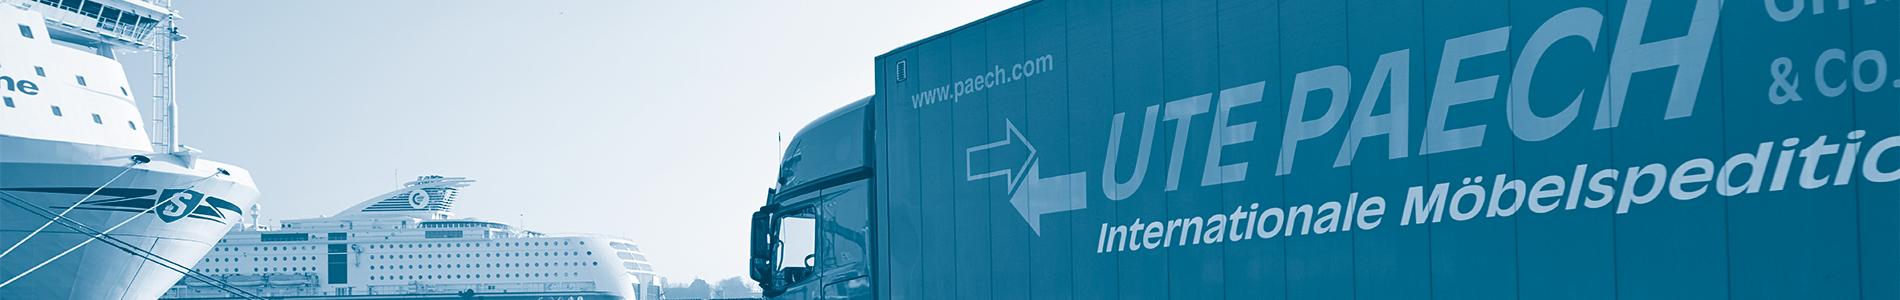 Ute Paech GmbH & Co. KG - Umzug Skandinavien und Europa